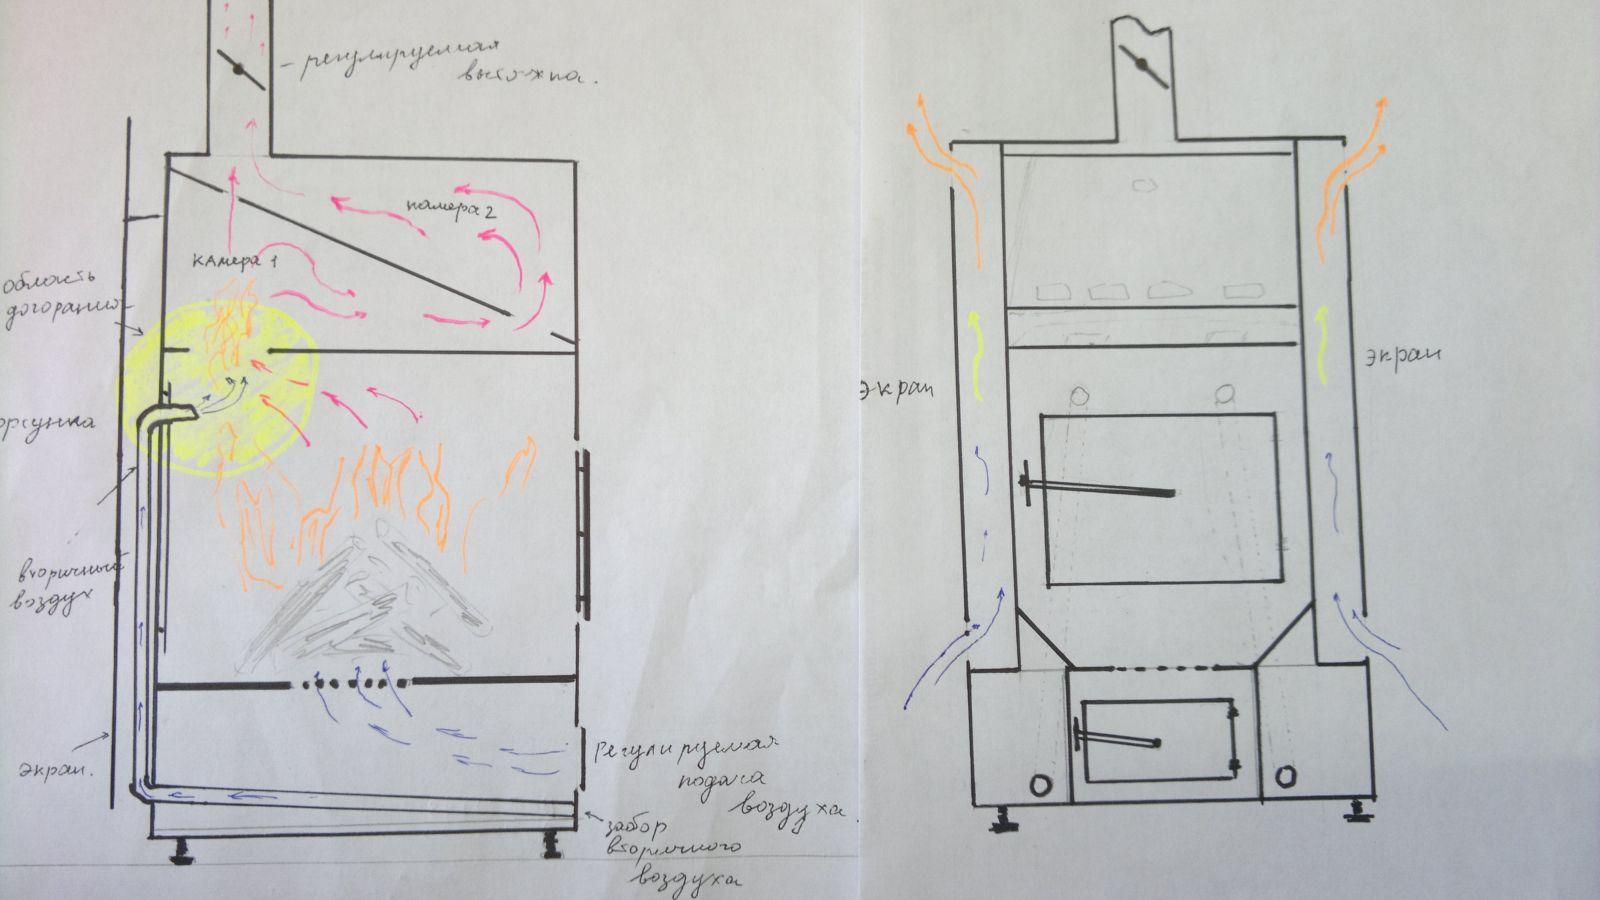 Сварить печь в гараж своими руками чертежи с высоким кпд 43